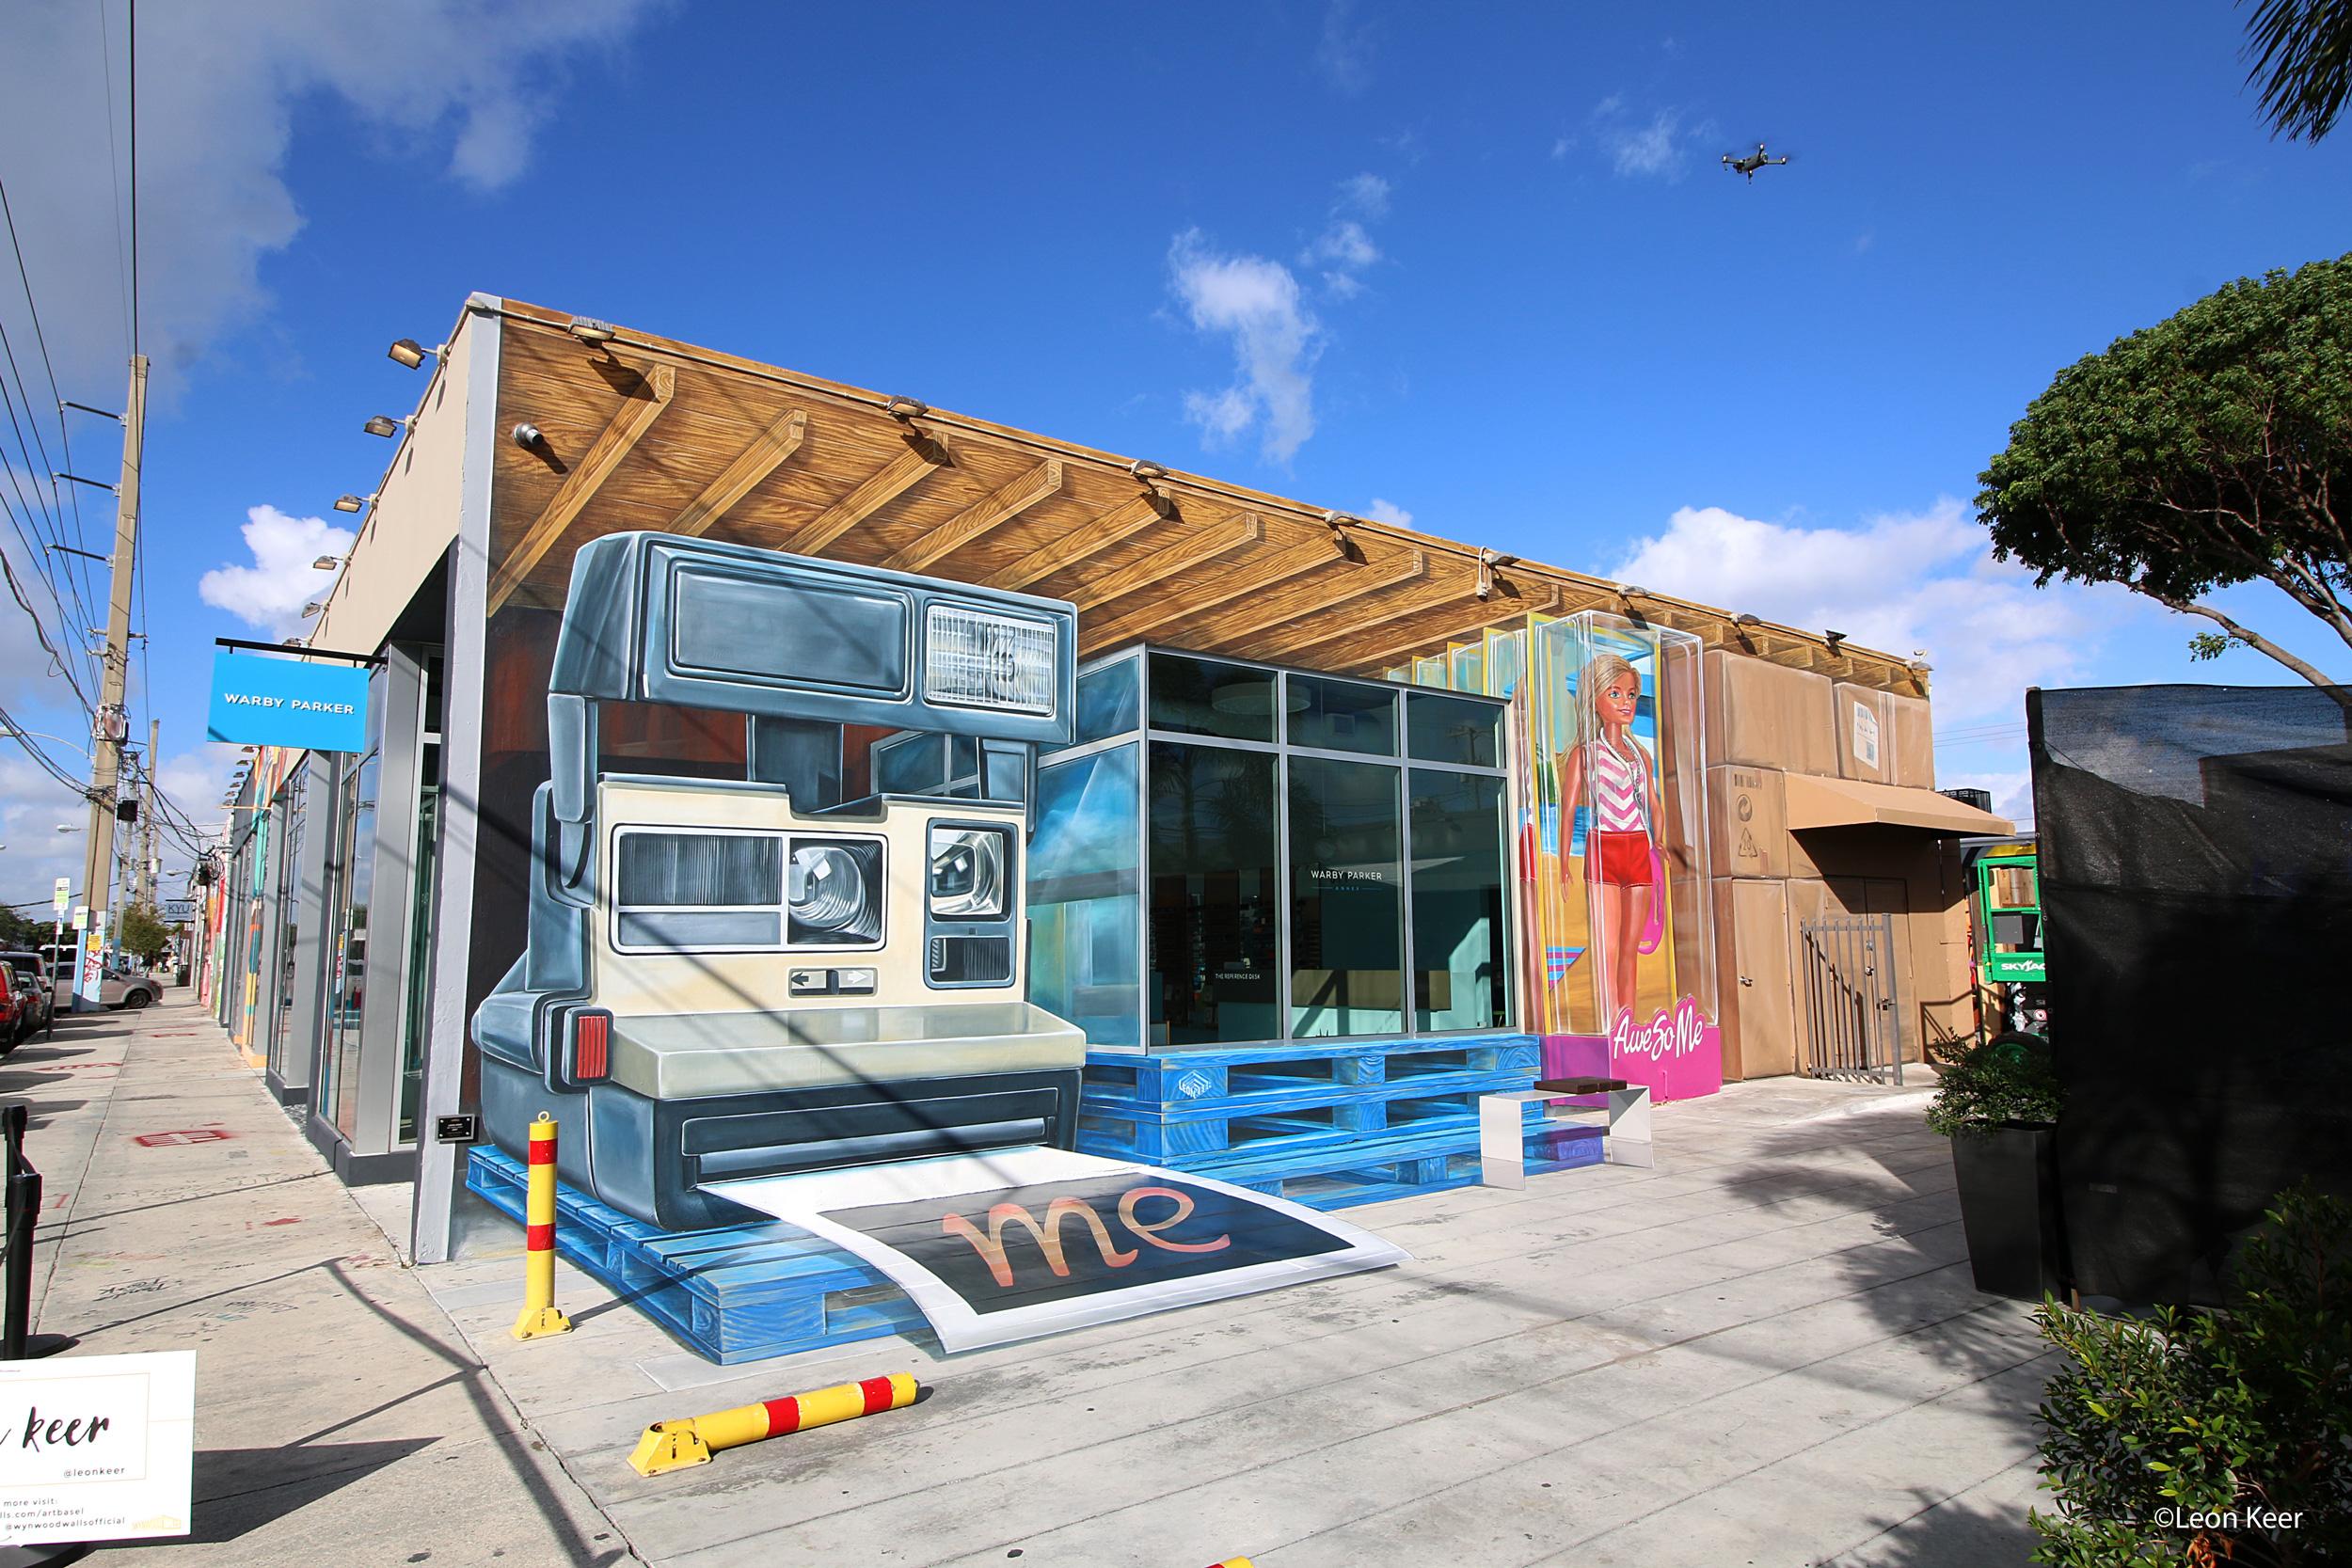 mural-leonkeer-wynwood-miami-artbasel